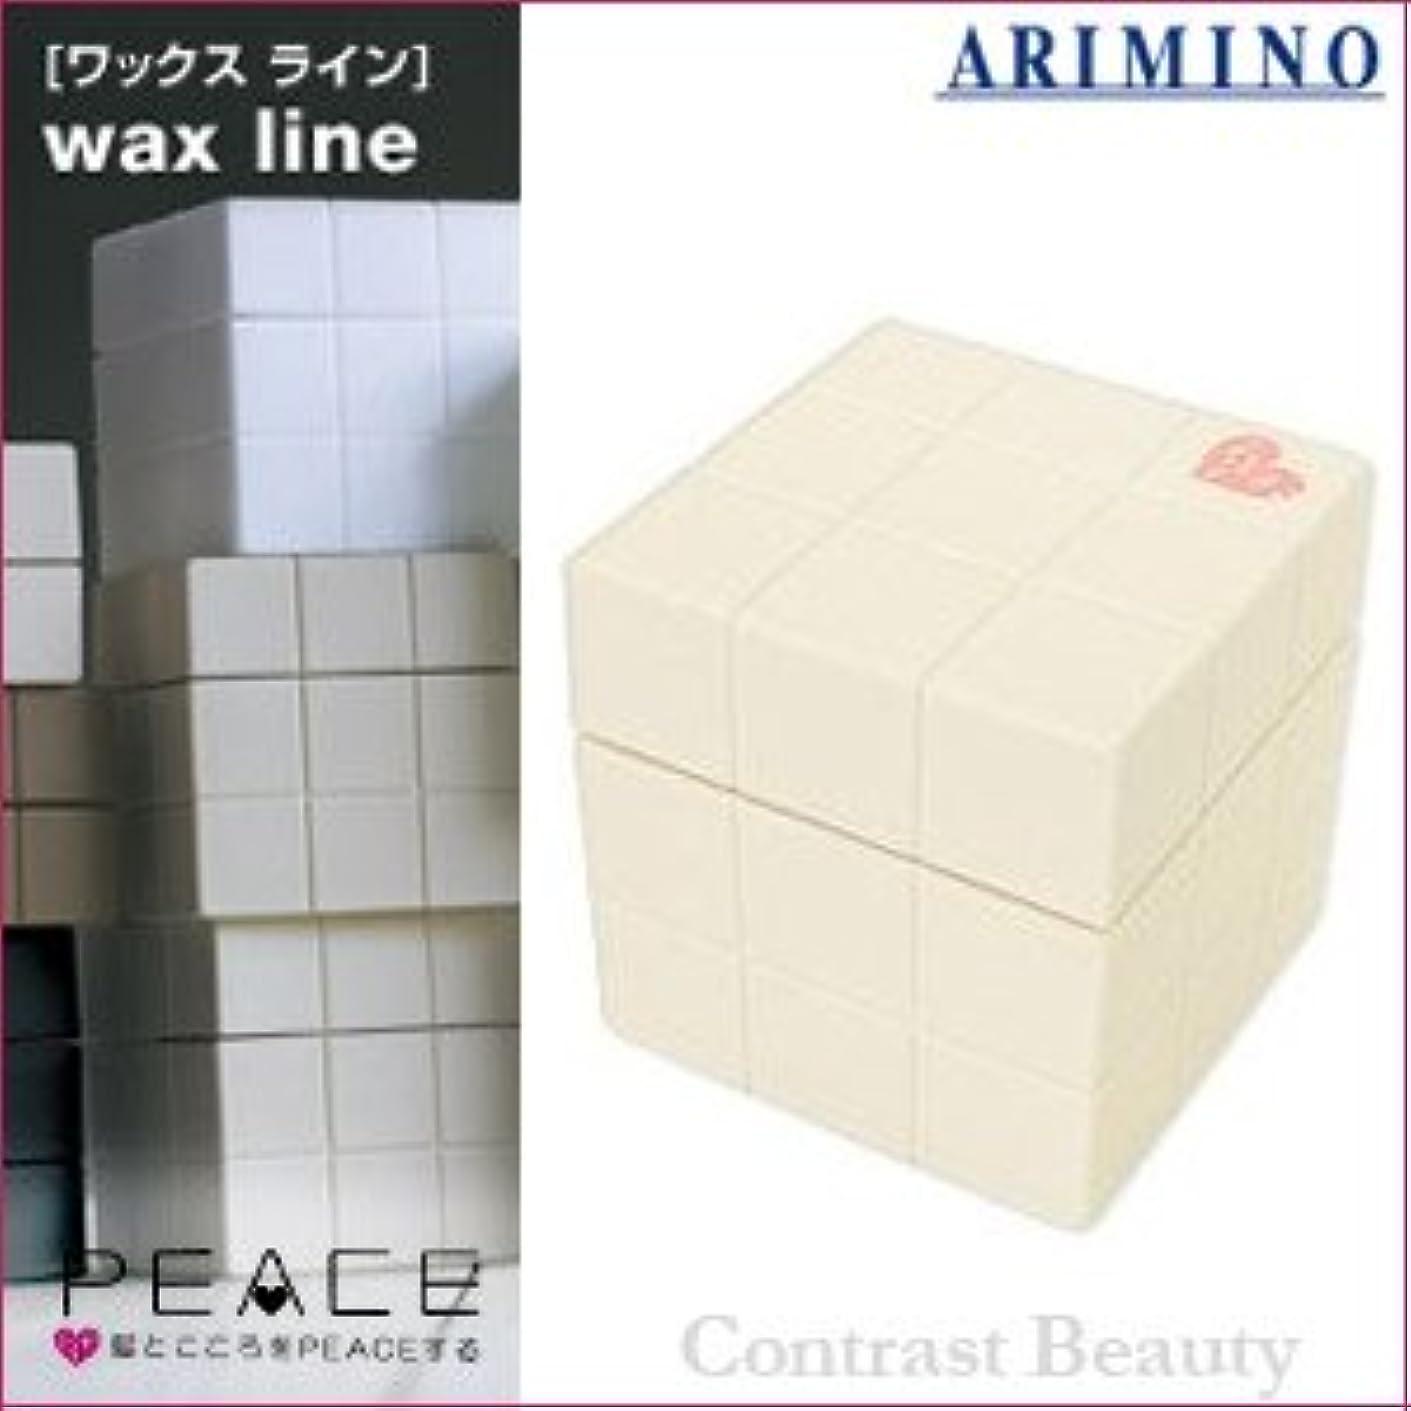 一目調整する鈍い【x2個セット】 アリミノ ピース プロデザインシリーズ ニュアンスワックス バニラ 80g